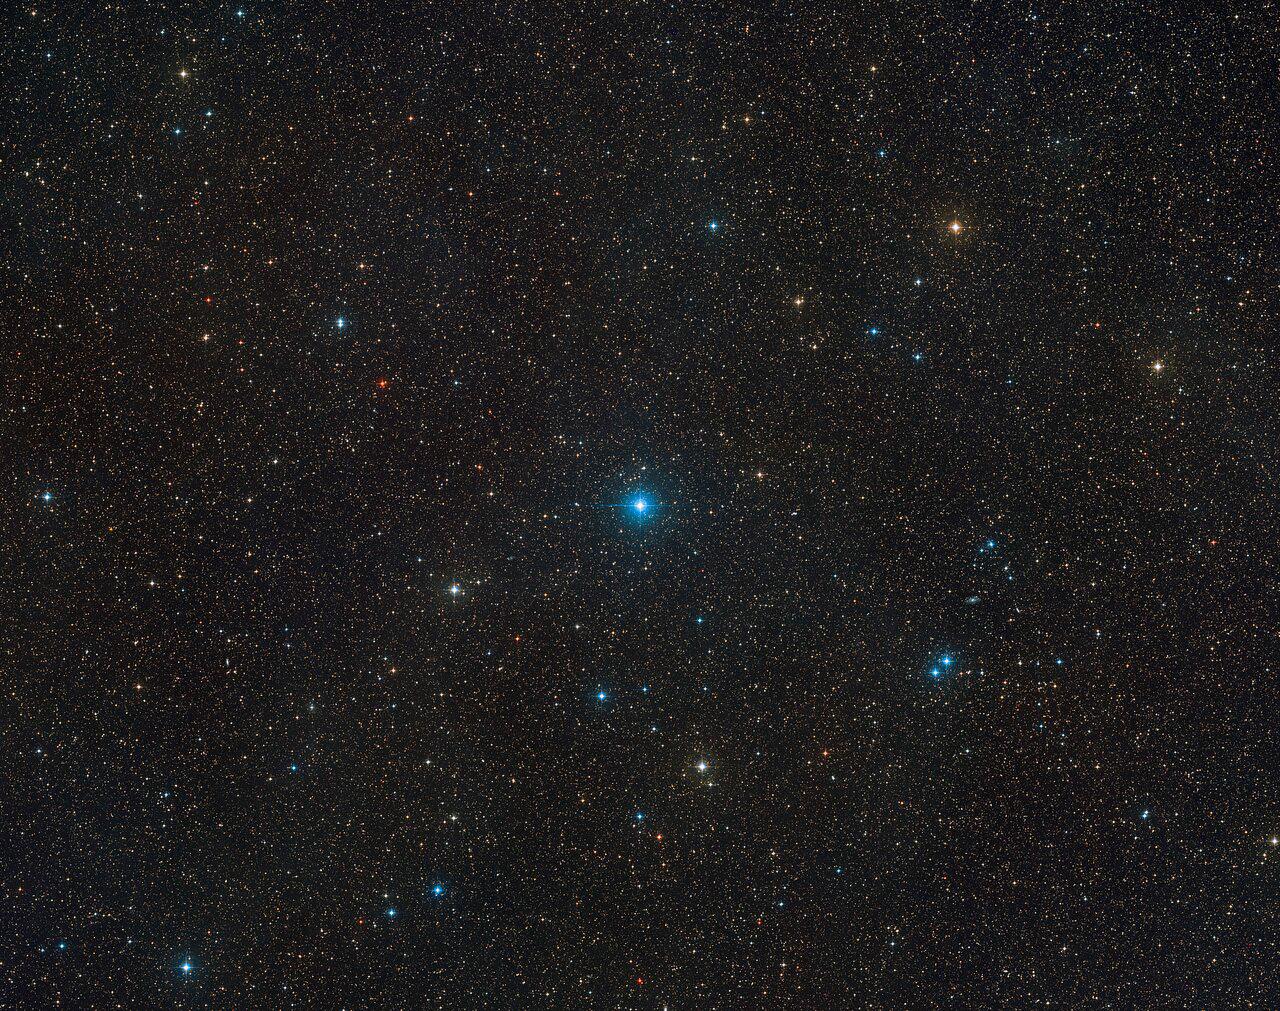 Vue à grand champ de la région du ciel qu'occupe HR 6819